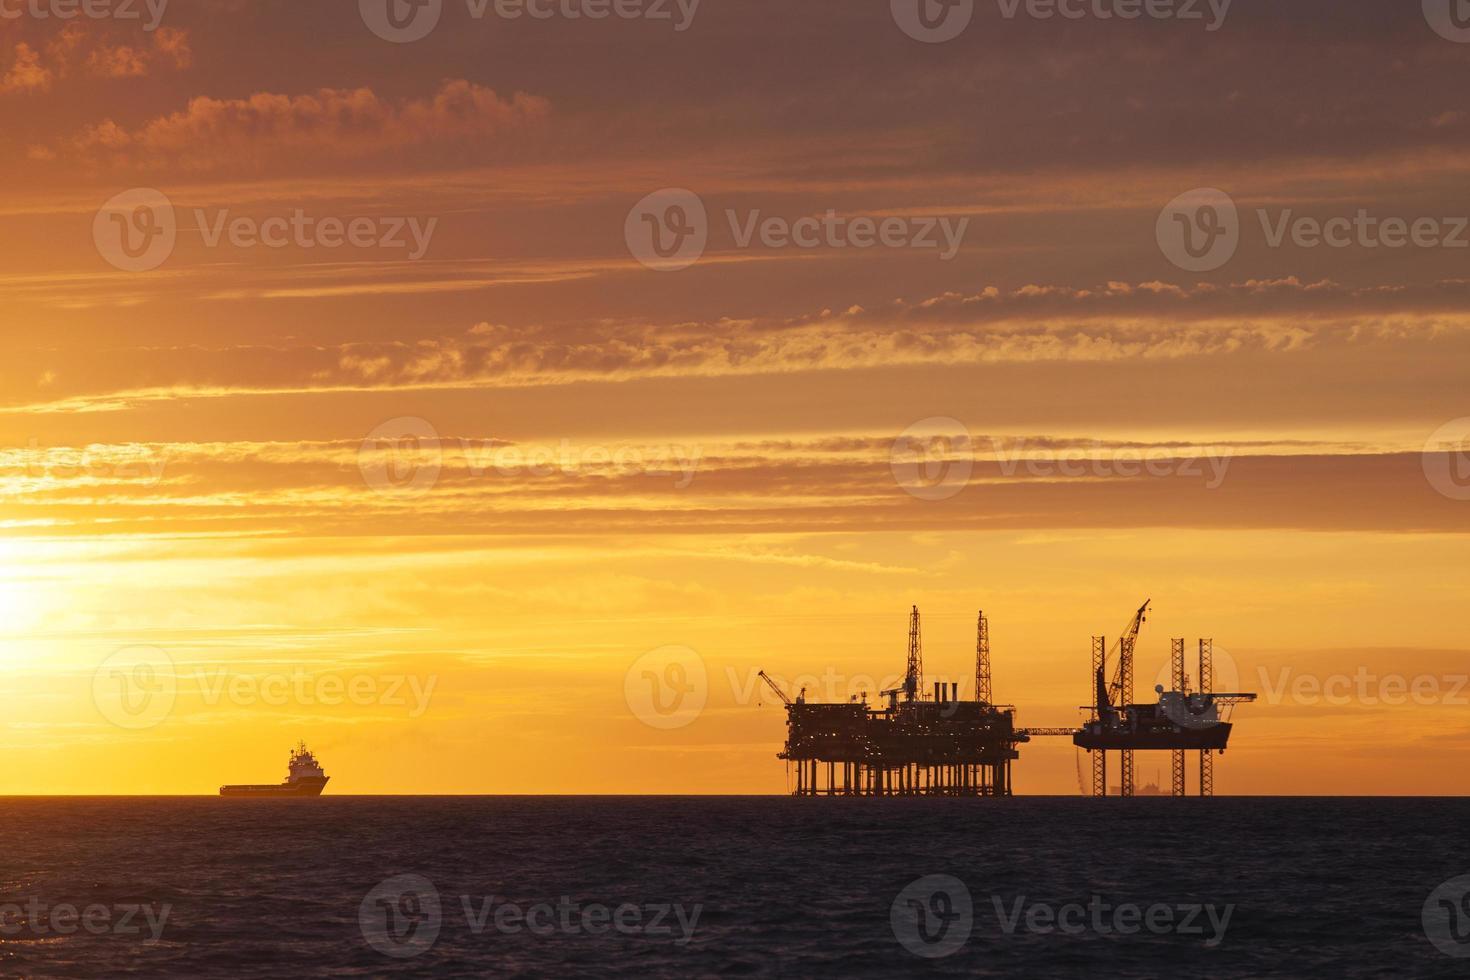 nave di rifornimento che si avvicina alla piattaforma petrolifera foto